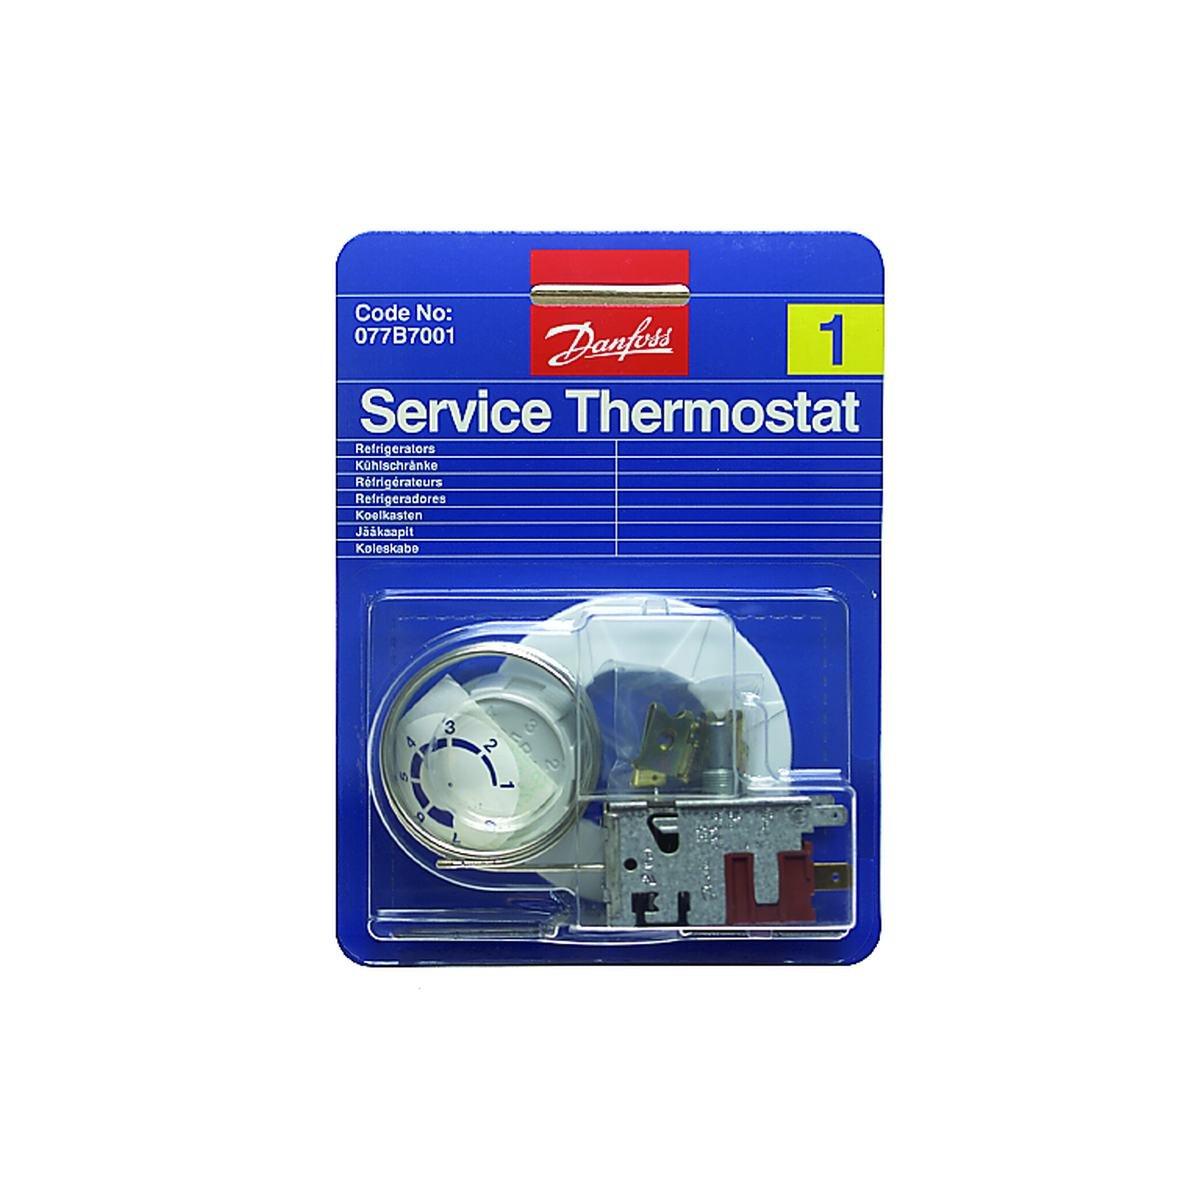 Servicetermostat nr 1 med tillbehör 130 mm kapilar